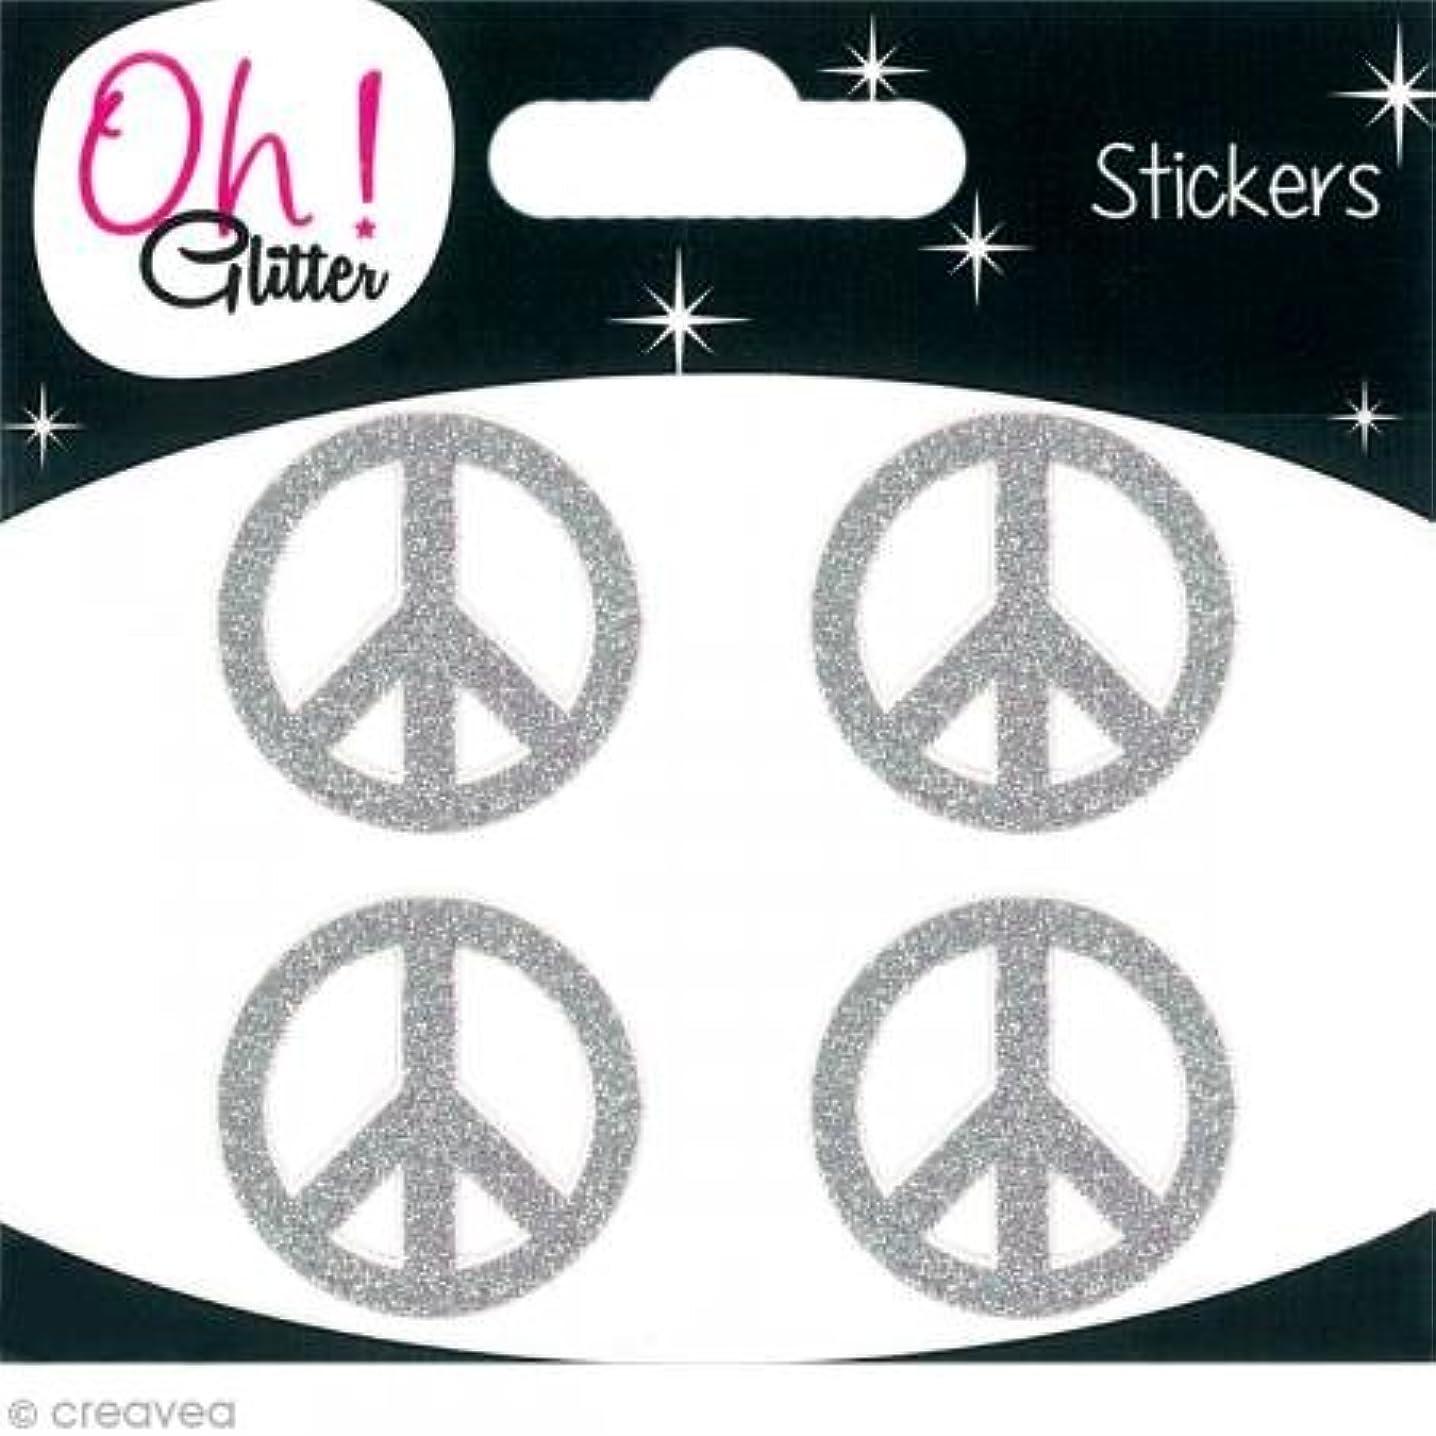 Oh. Paper Glitter Stickers, Glitter Silver, 10?cm x 9.5?cm x 0.2?cm